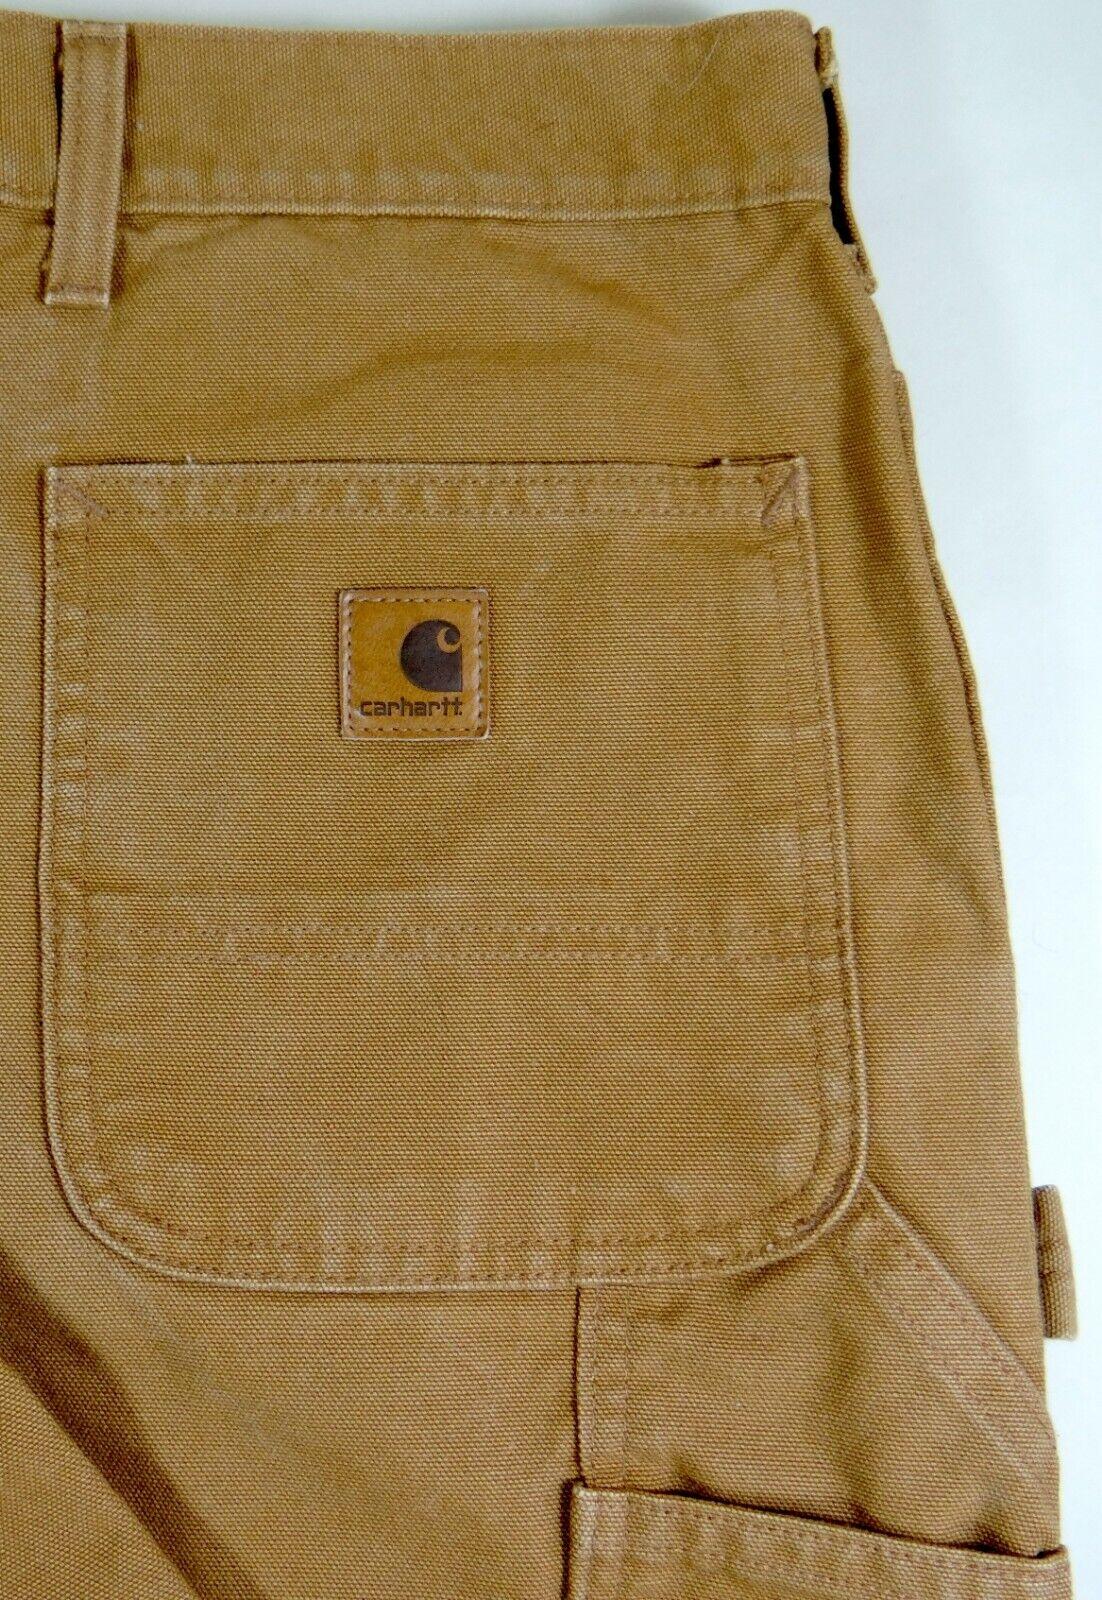 Carhartt Work Pants Brown Carpenter Painter Jeans 46 Waist 29 Inseam 46x29